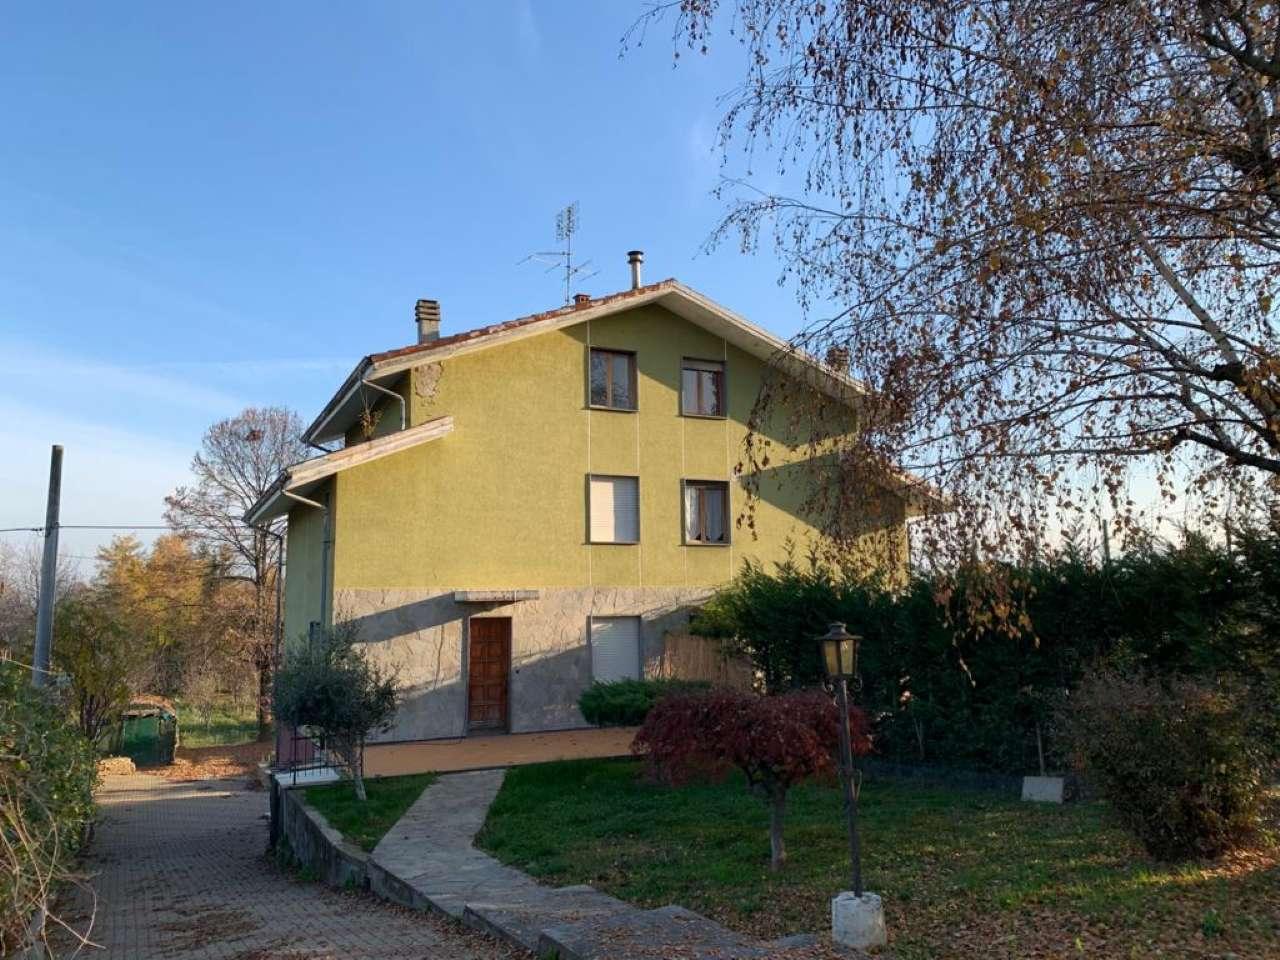 Soluzione Indipendente in vendita a Cervasca, 5 locali, prezzo € 168.000 | PortaleAgenzieImmobiliari.it